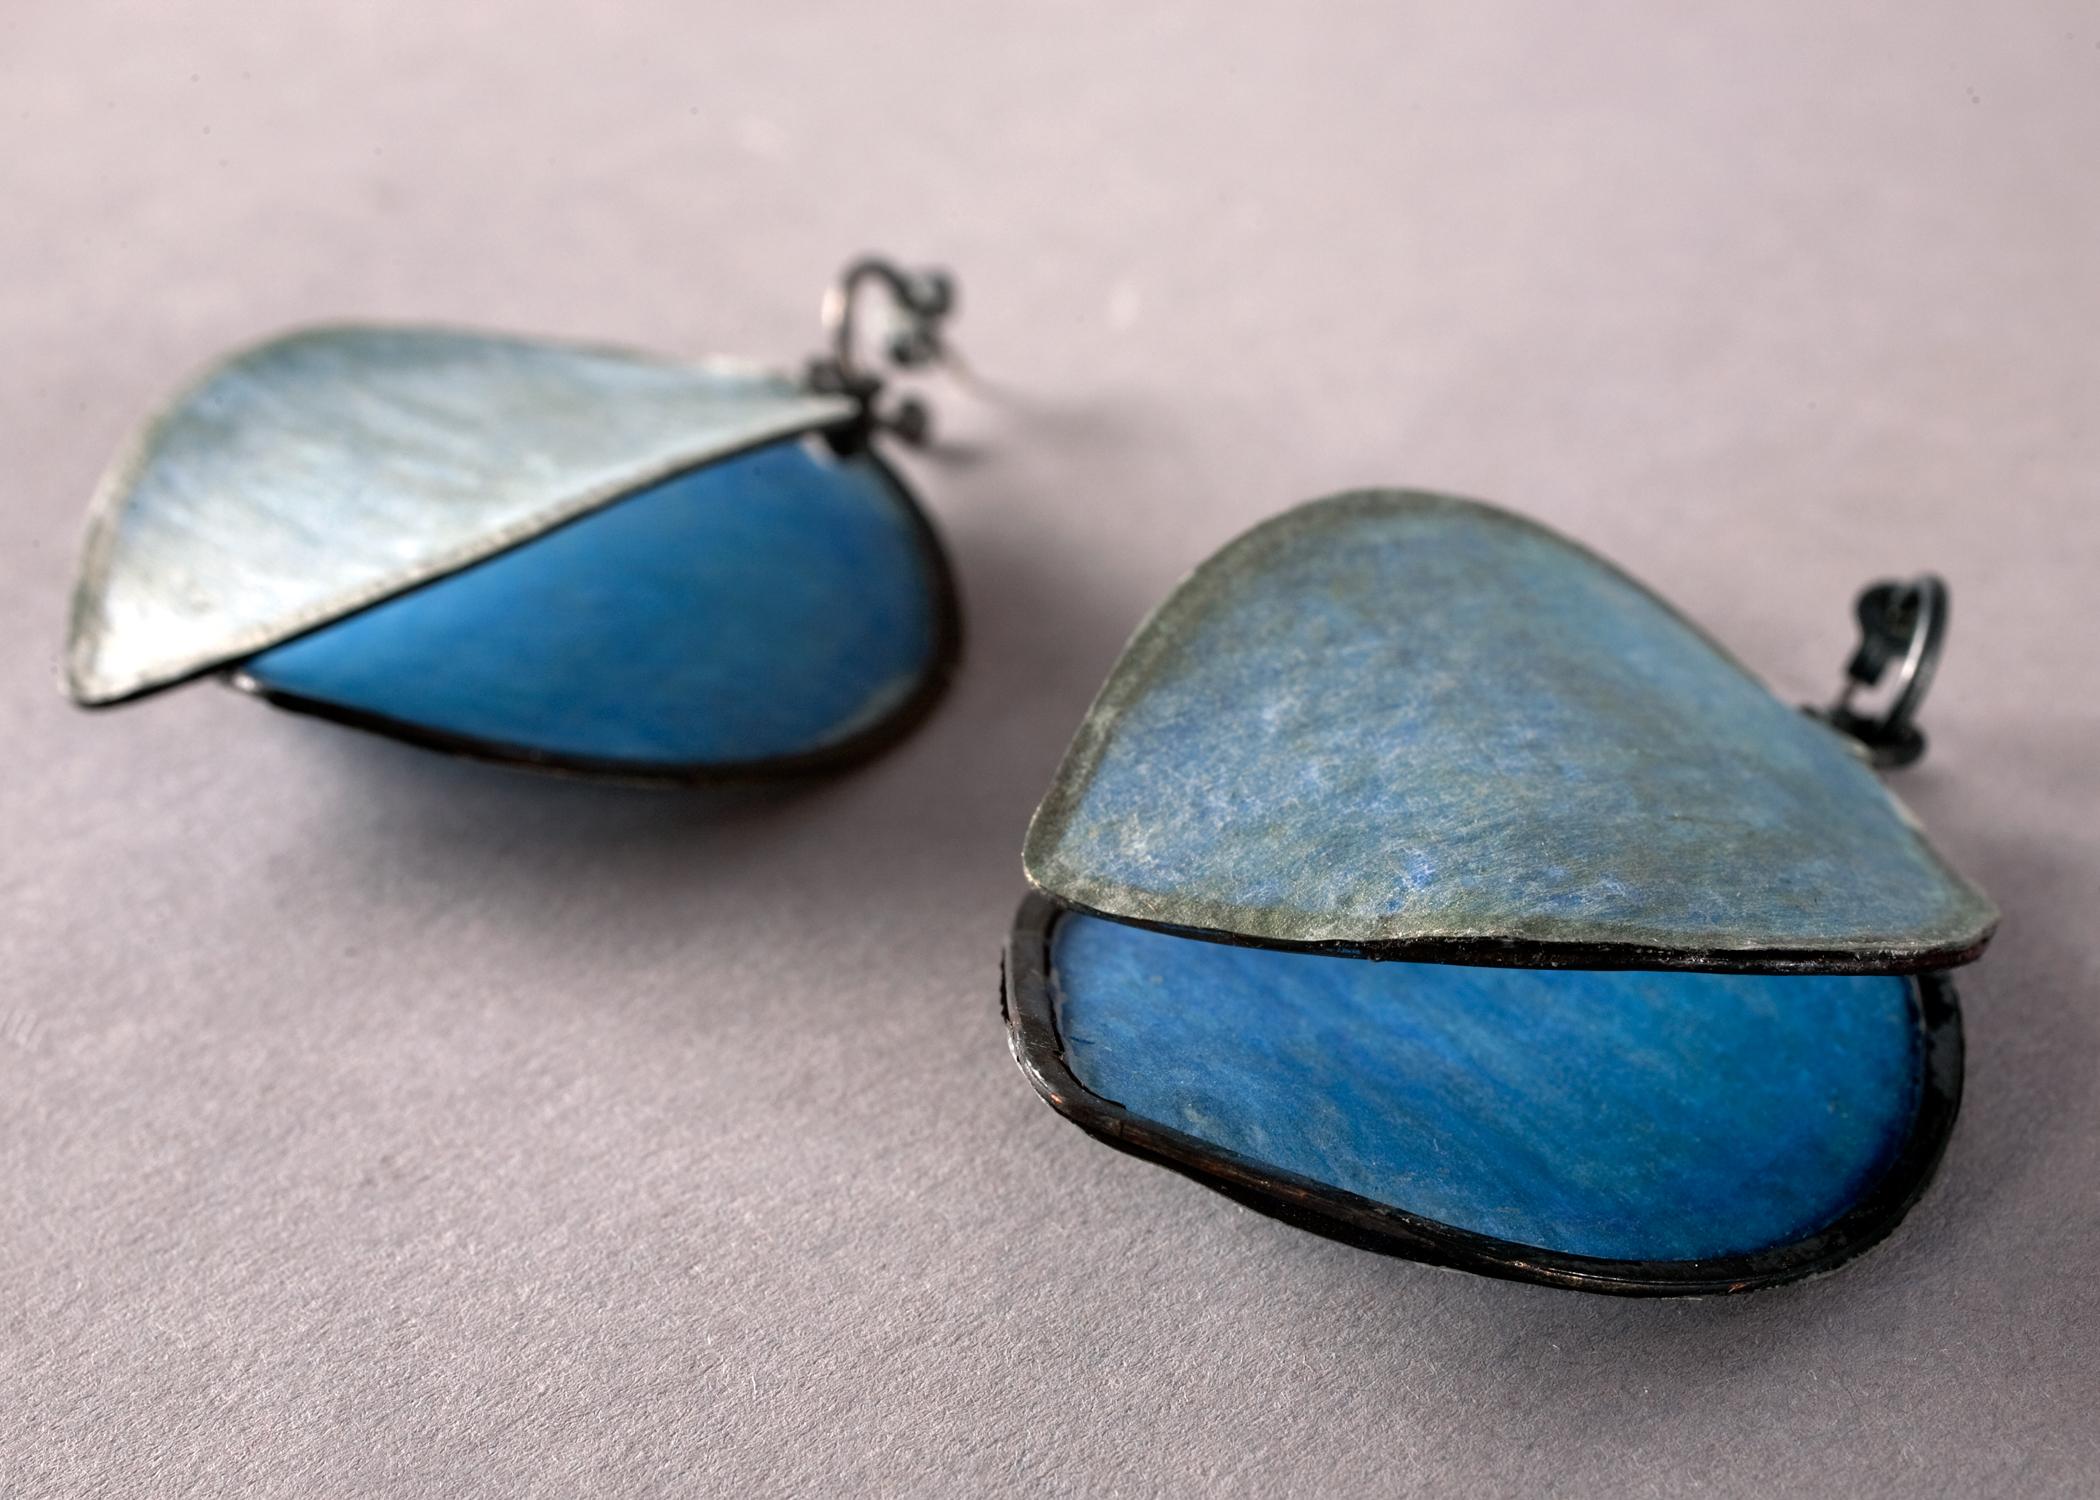 Painted Earrings detail